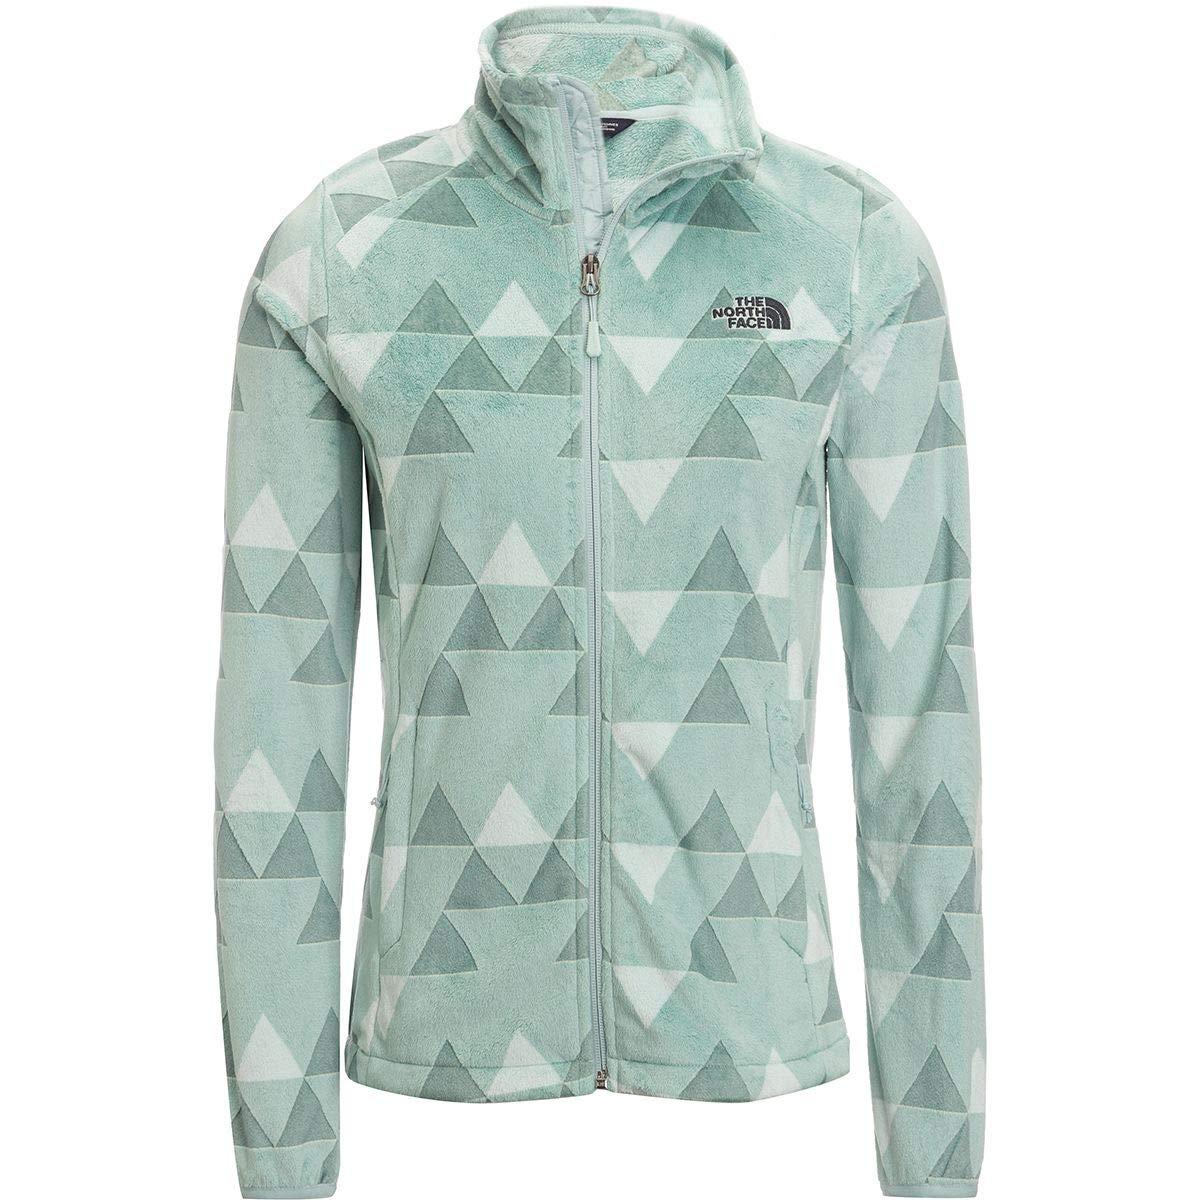 (ザノースフェイス) The North Face Novelty Osito Jacket レディース ジャケットBlue Haze Triangle Pile Print [並行輸入品]   B07H57Q535